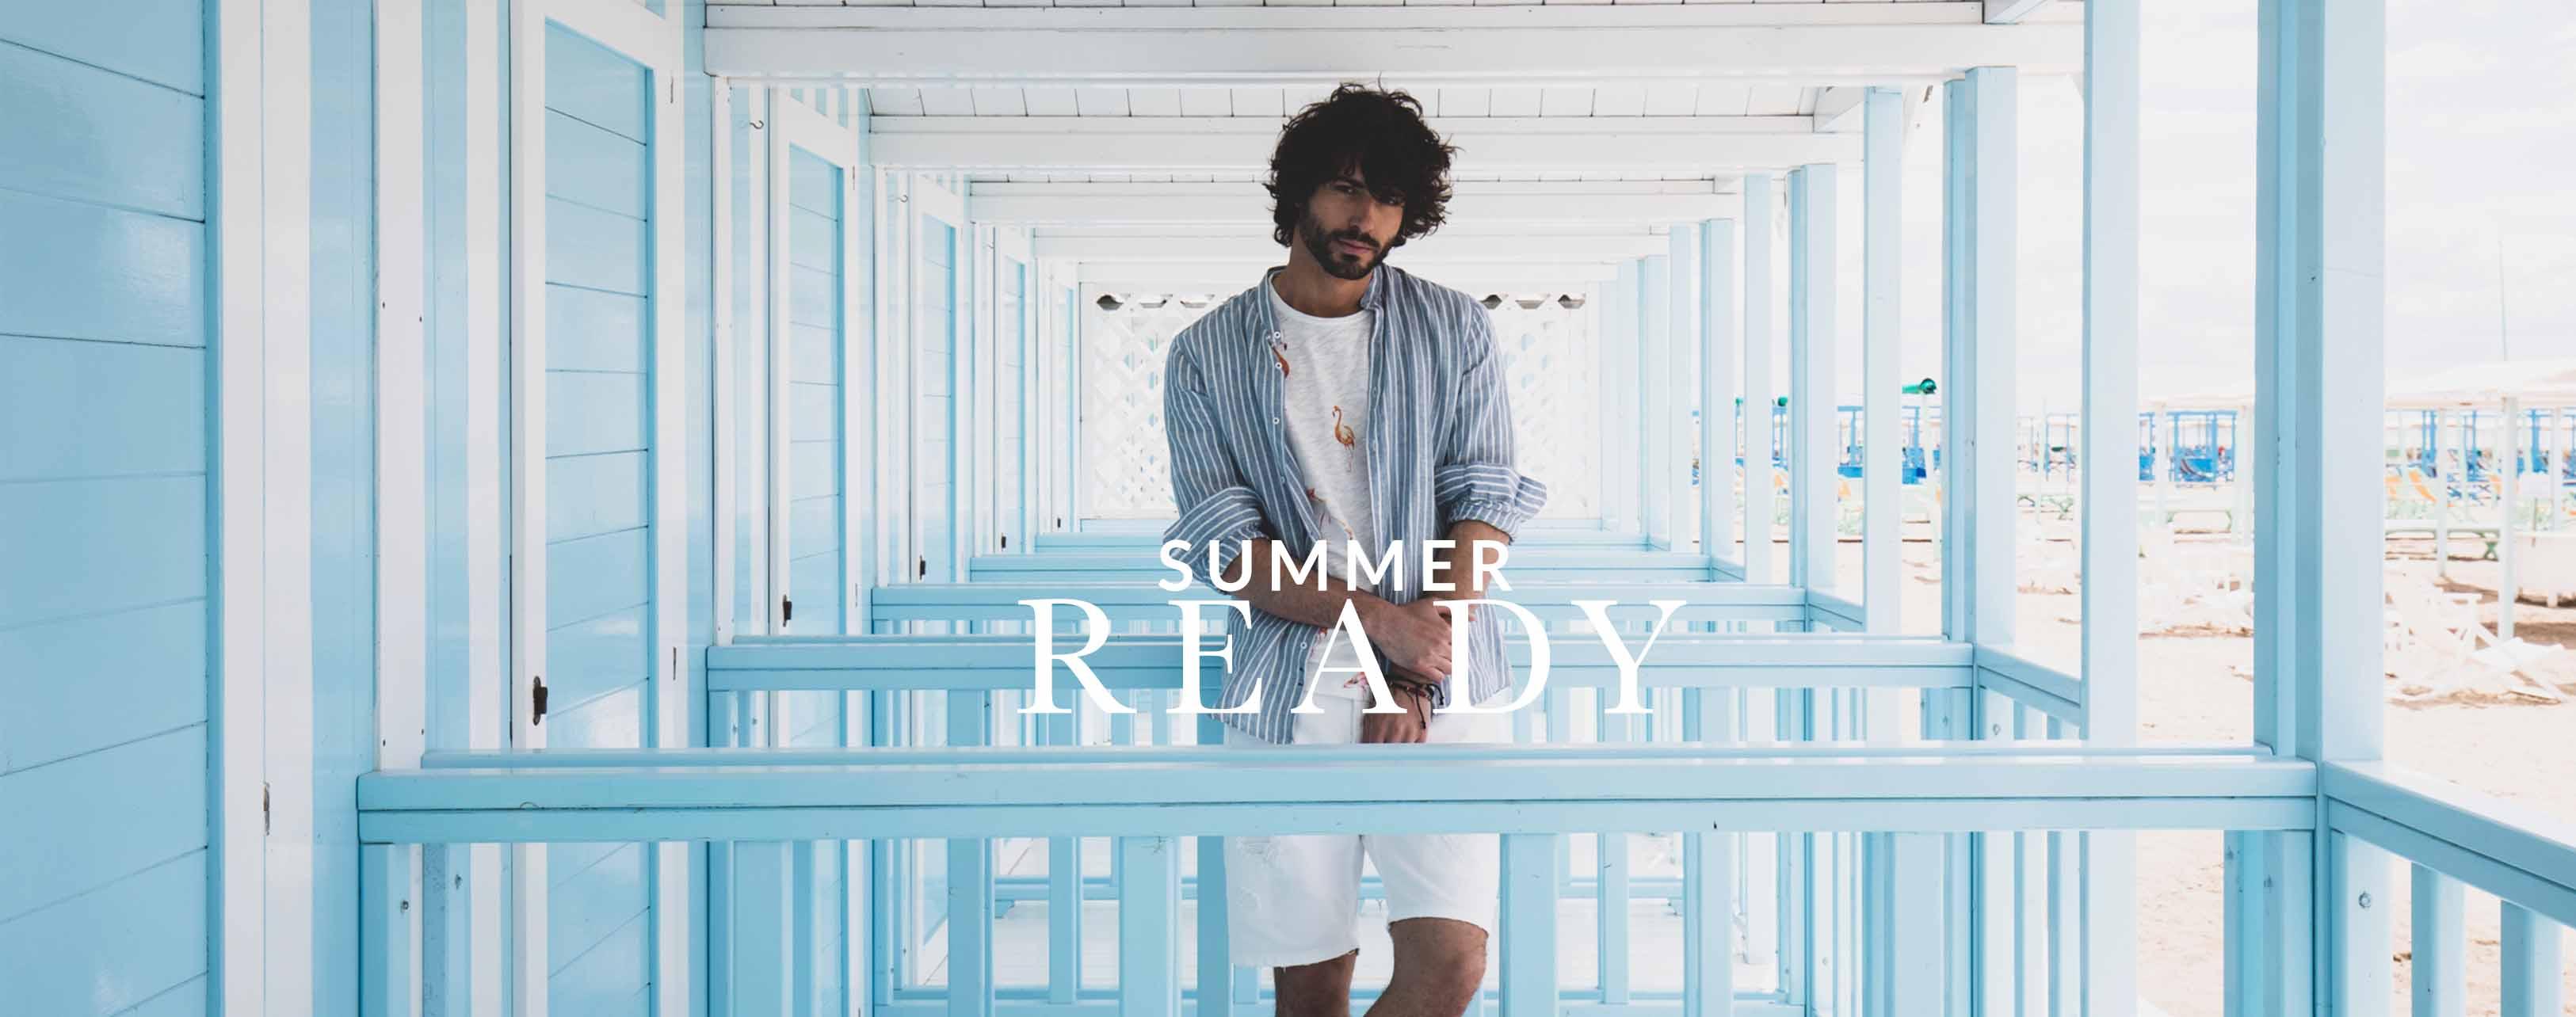 Summer Ready.jpg